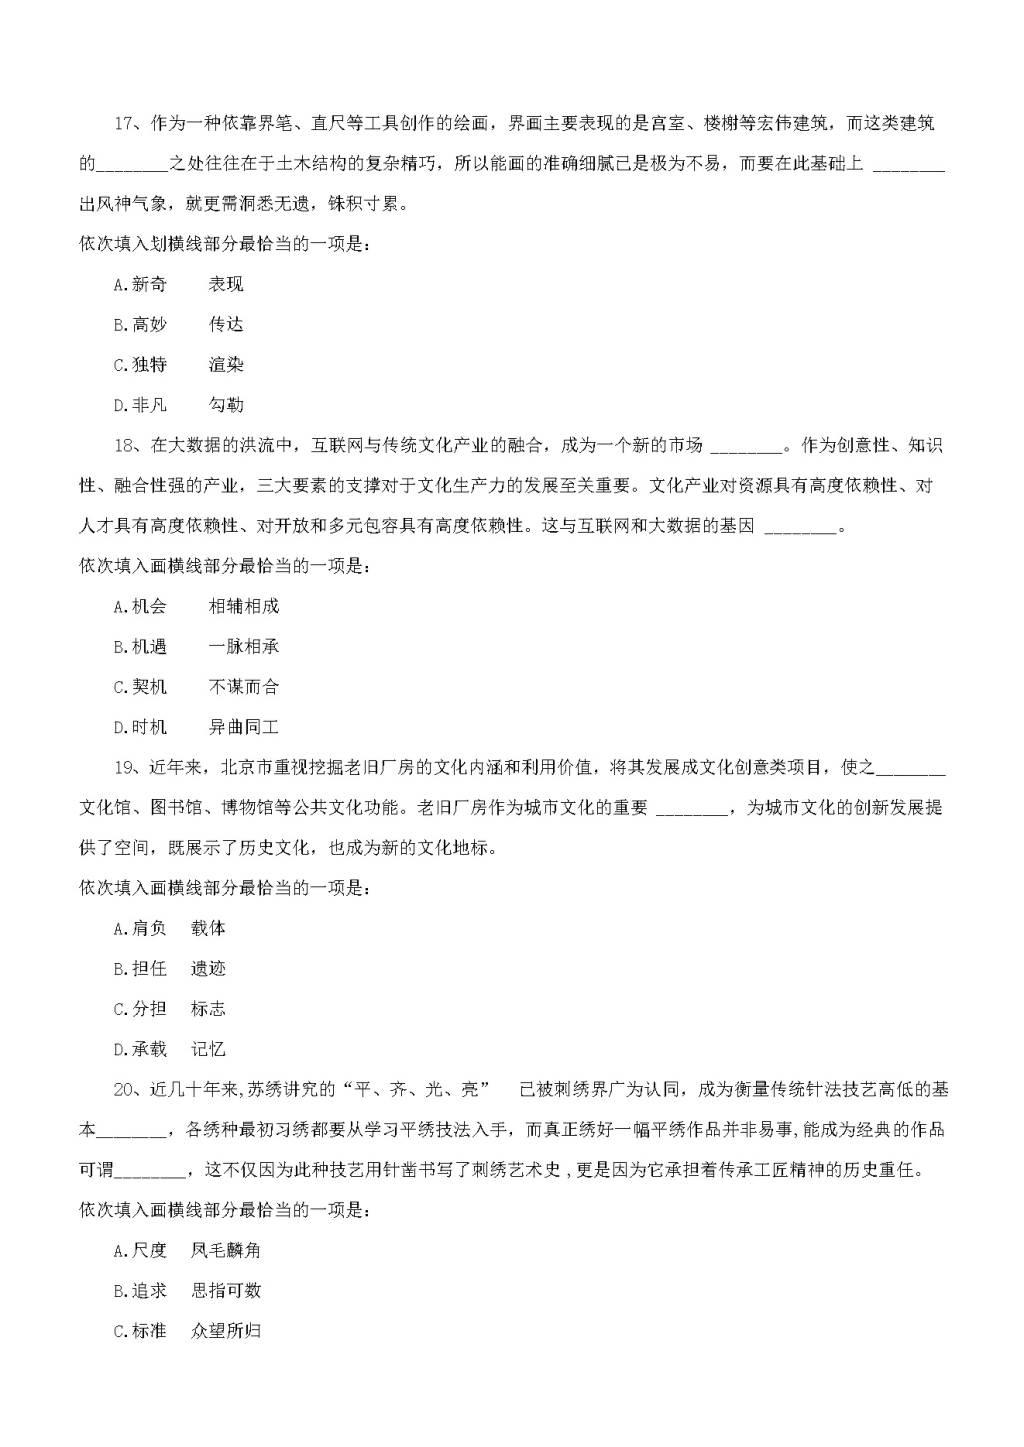 2020上半年四川公务员行测考试真题及答案(文件编号:21032102)